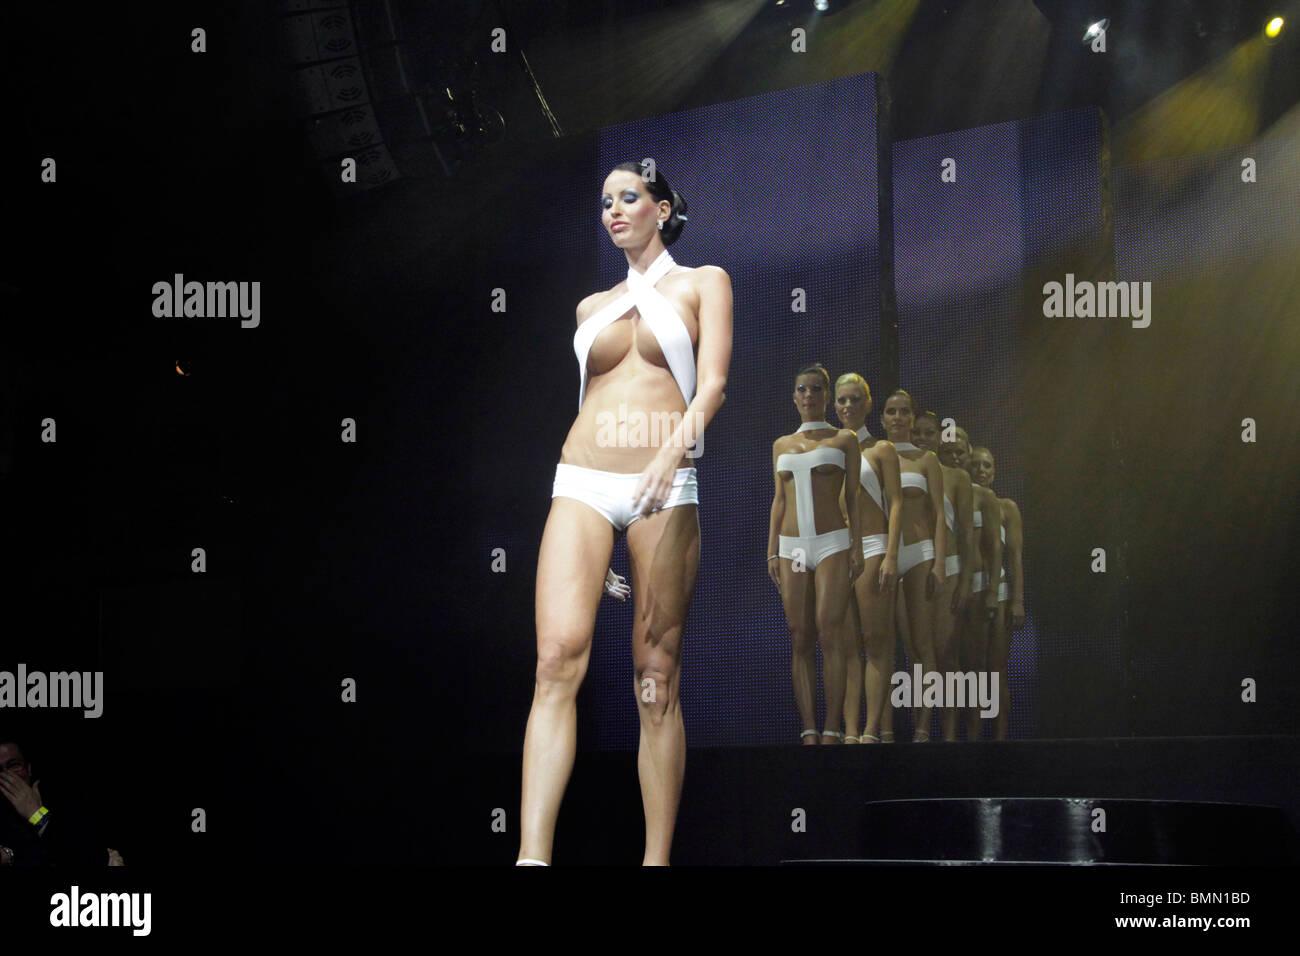 miss-erotica-contest-photos